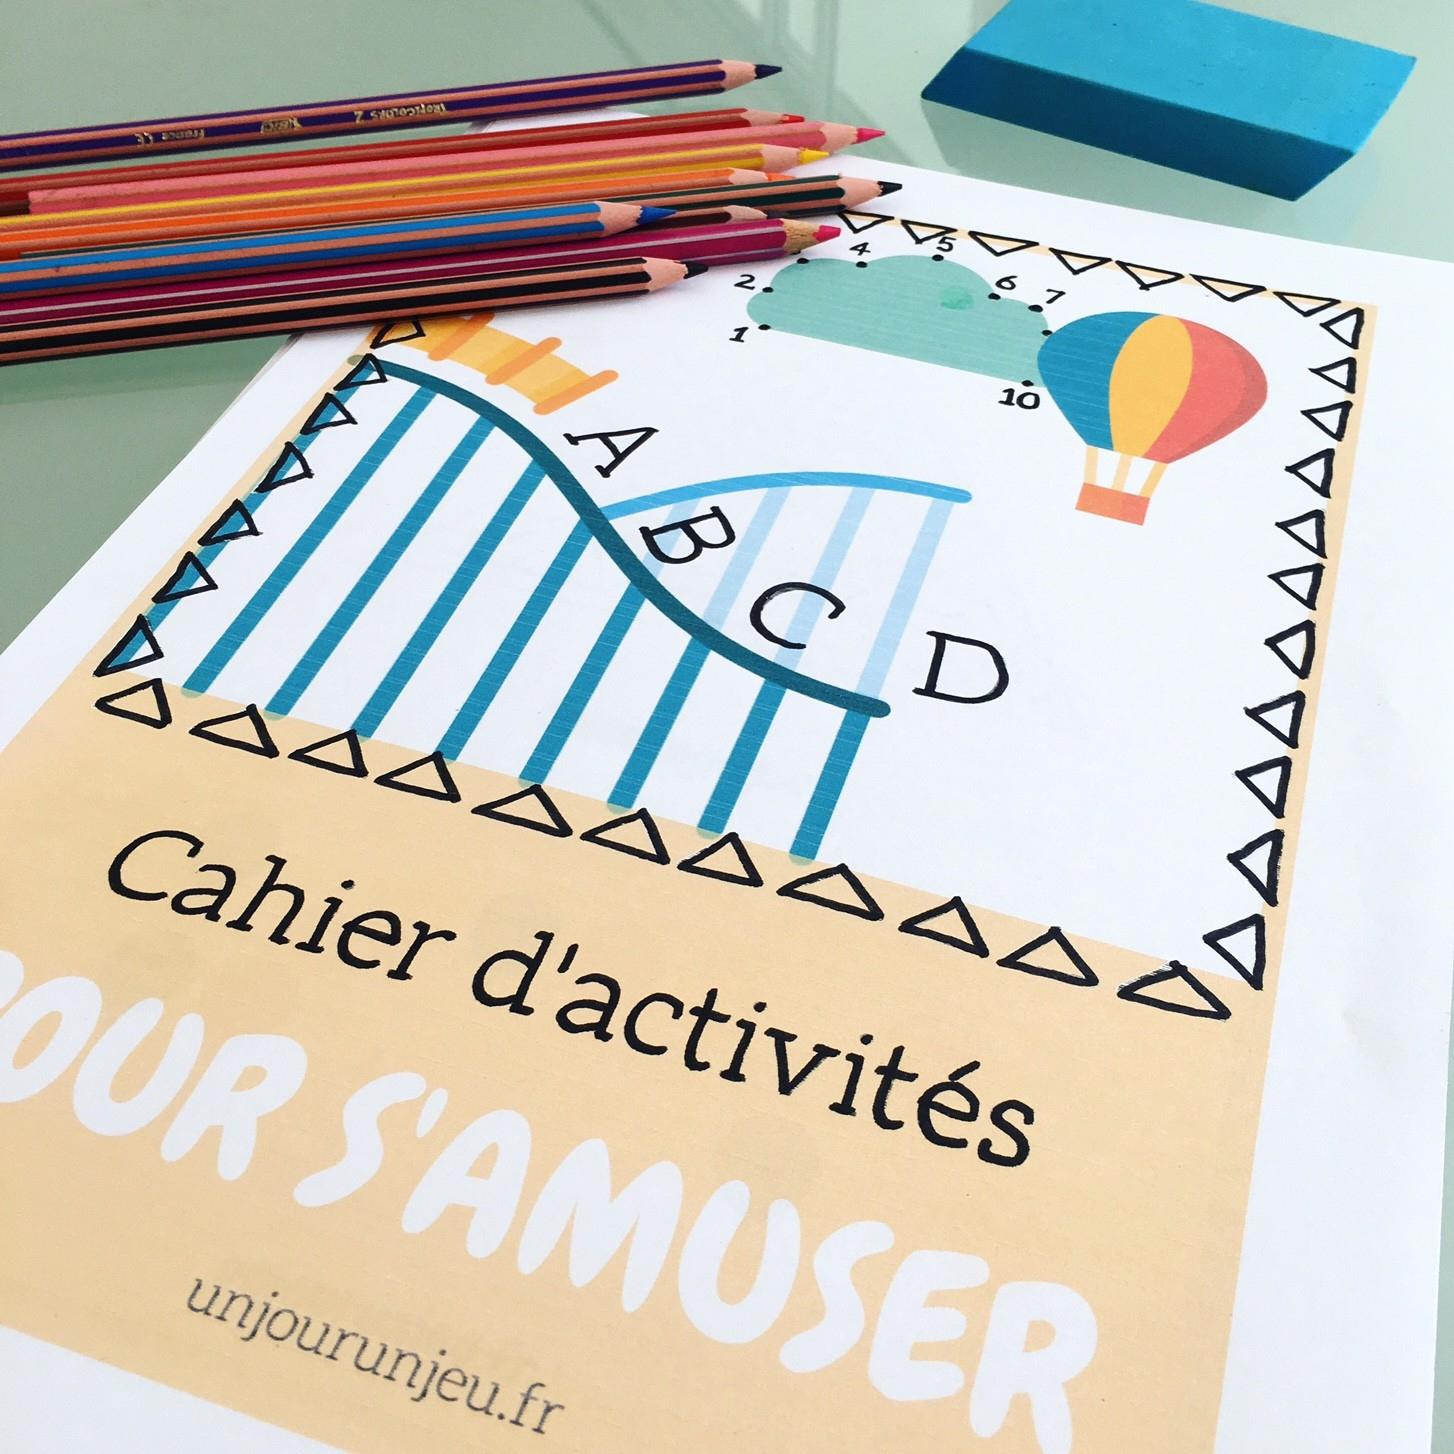 Cahier D'activités Enfants Pour Les Vacances À Imprimer avec Cahier De Vacances Gratuit A Imprimer